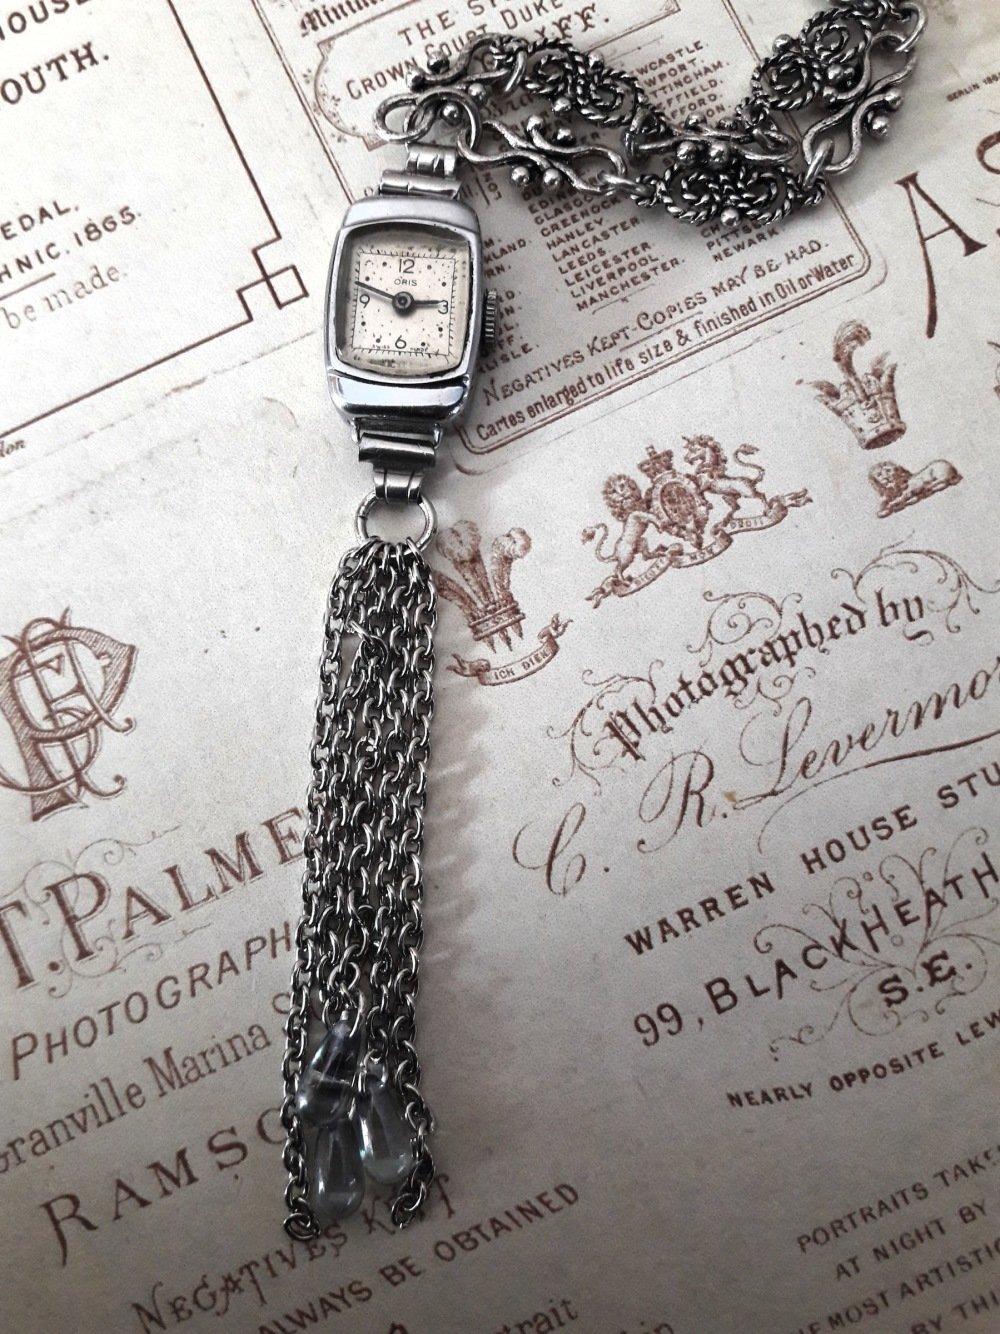 Collier pendentif montre ancienne vintage rétro steampunk horloge cadran heure chiffre bijou fantaisie unique chaine argent perle grise